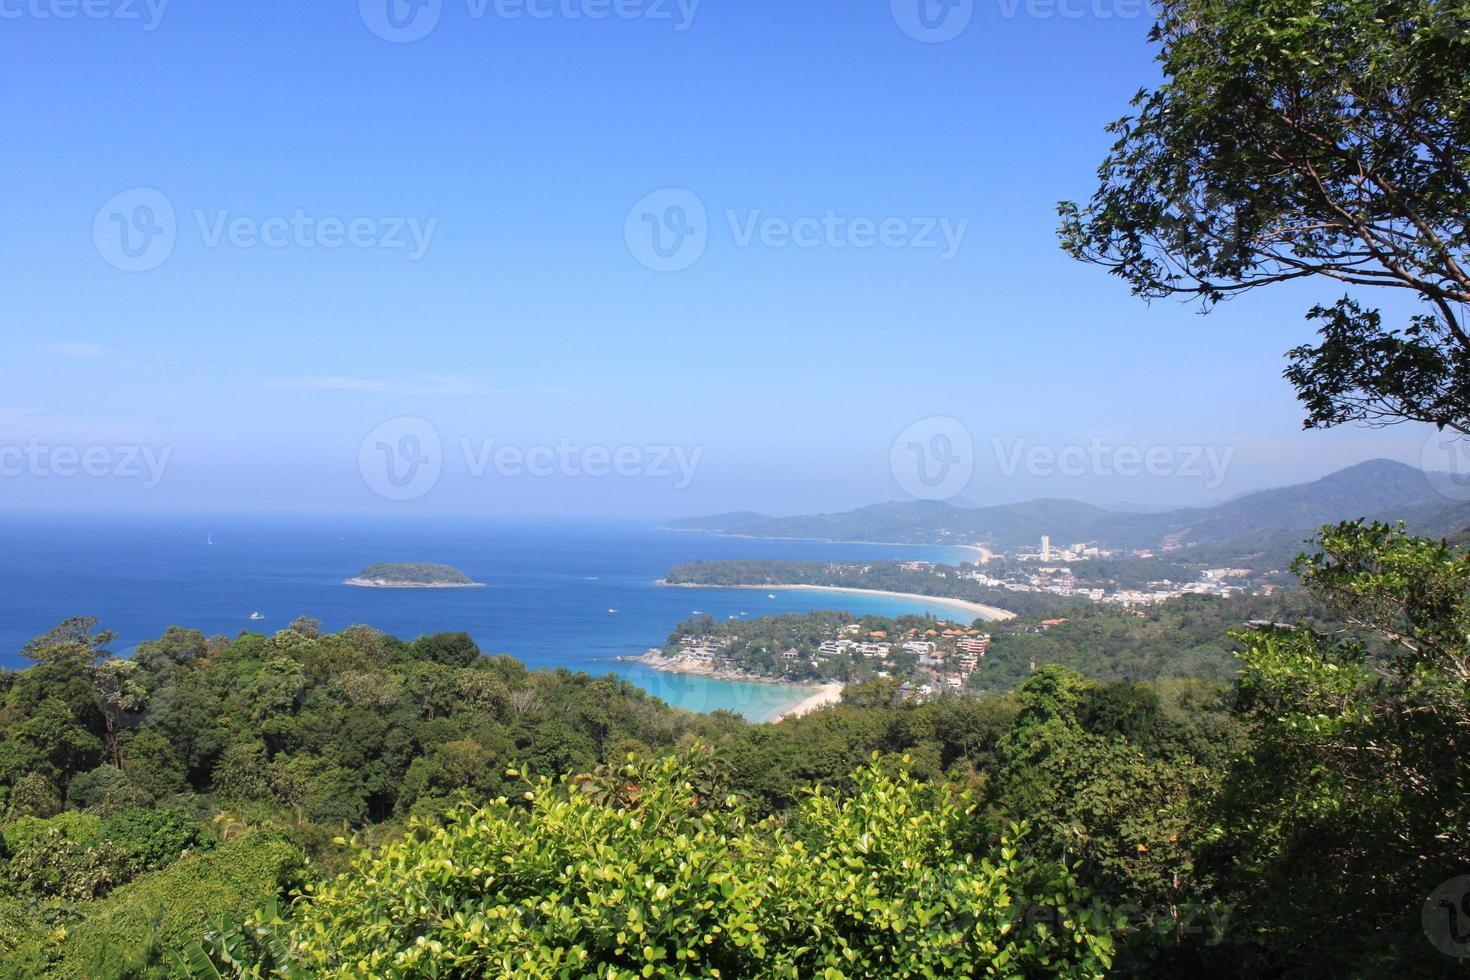 paisagem tropical. vista do ponto de vista foto